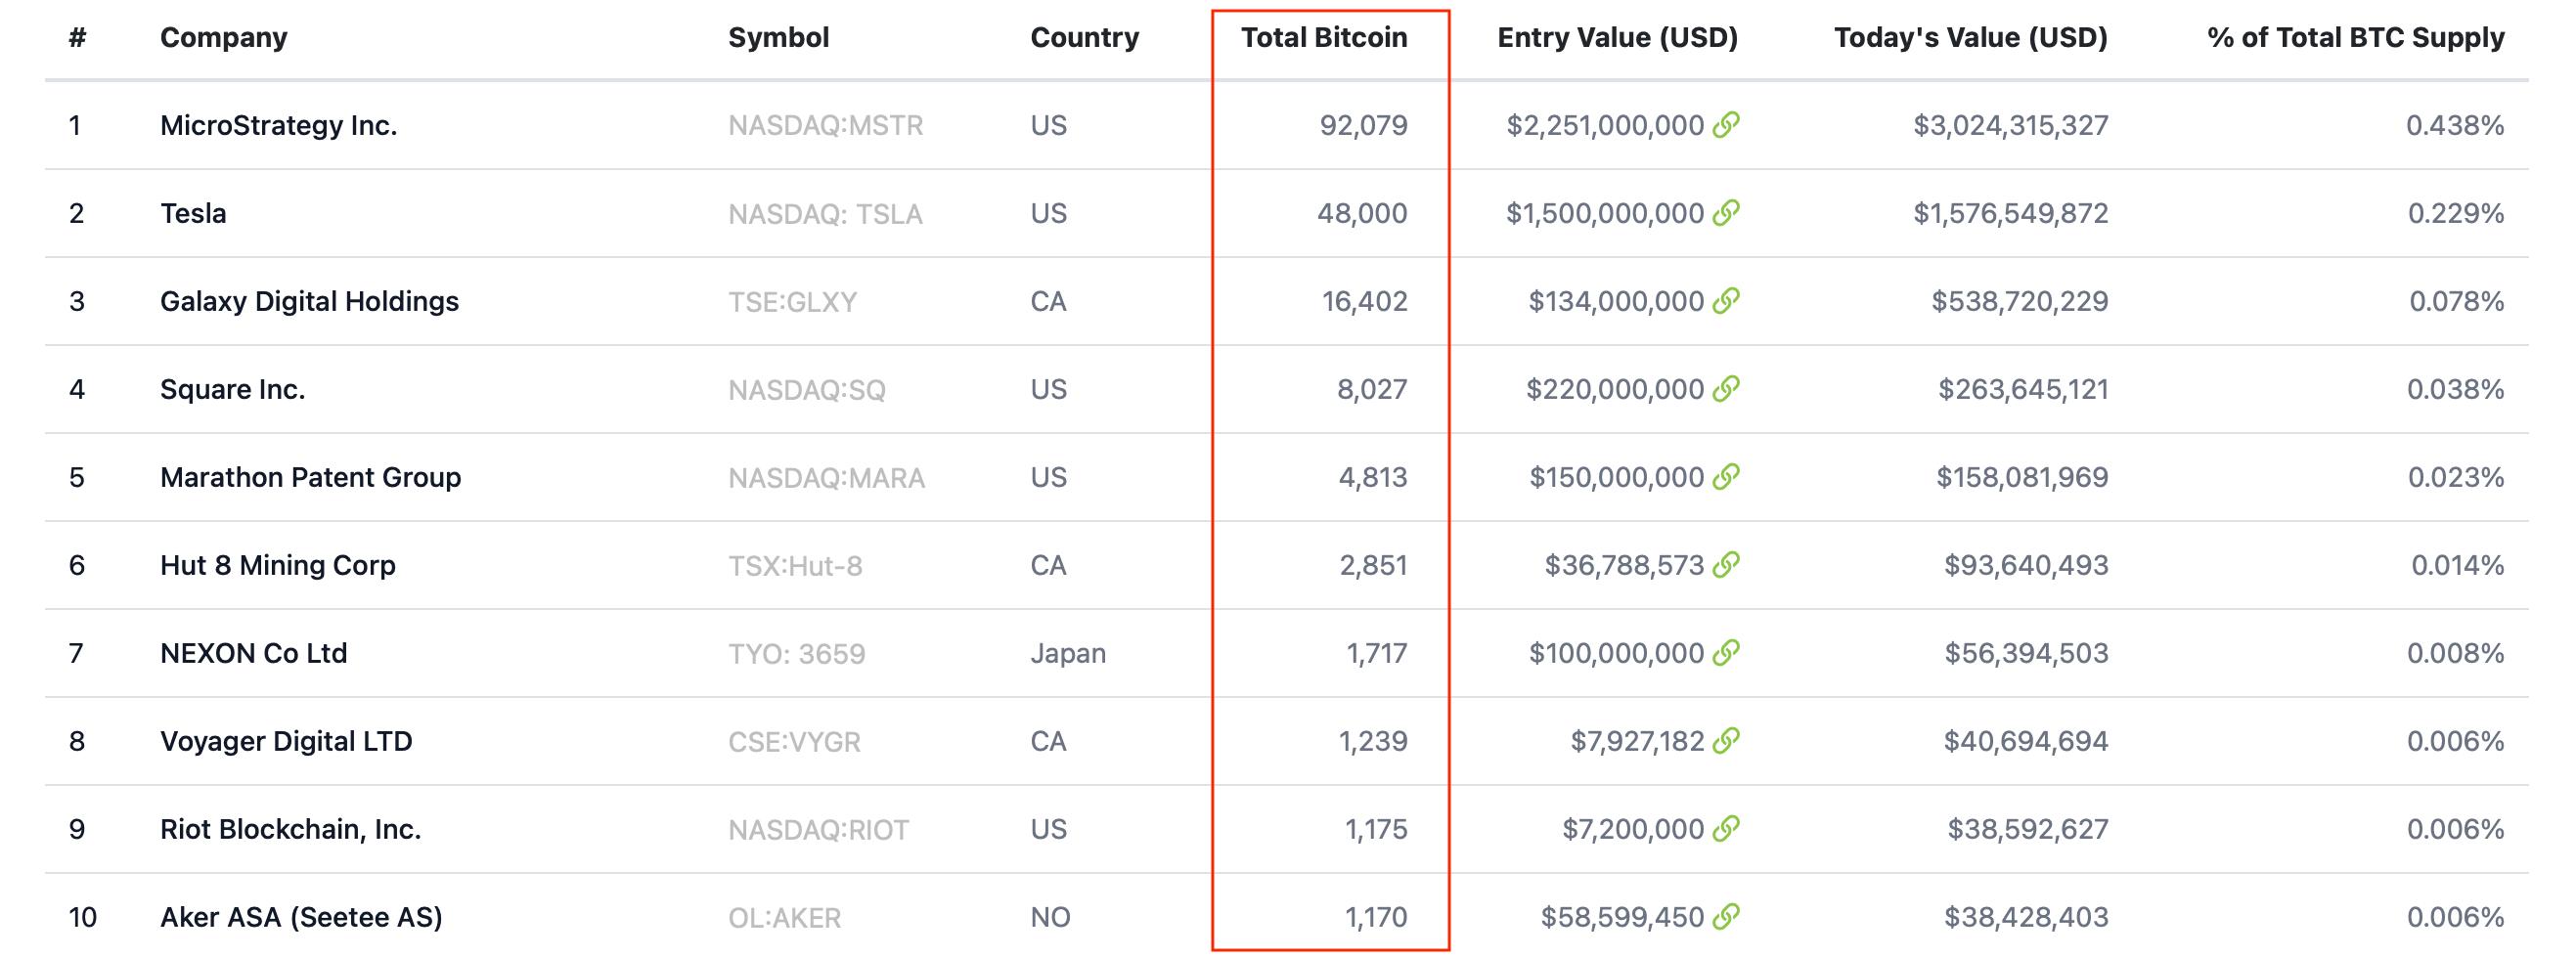 биткоин криптовалюты компании